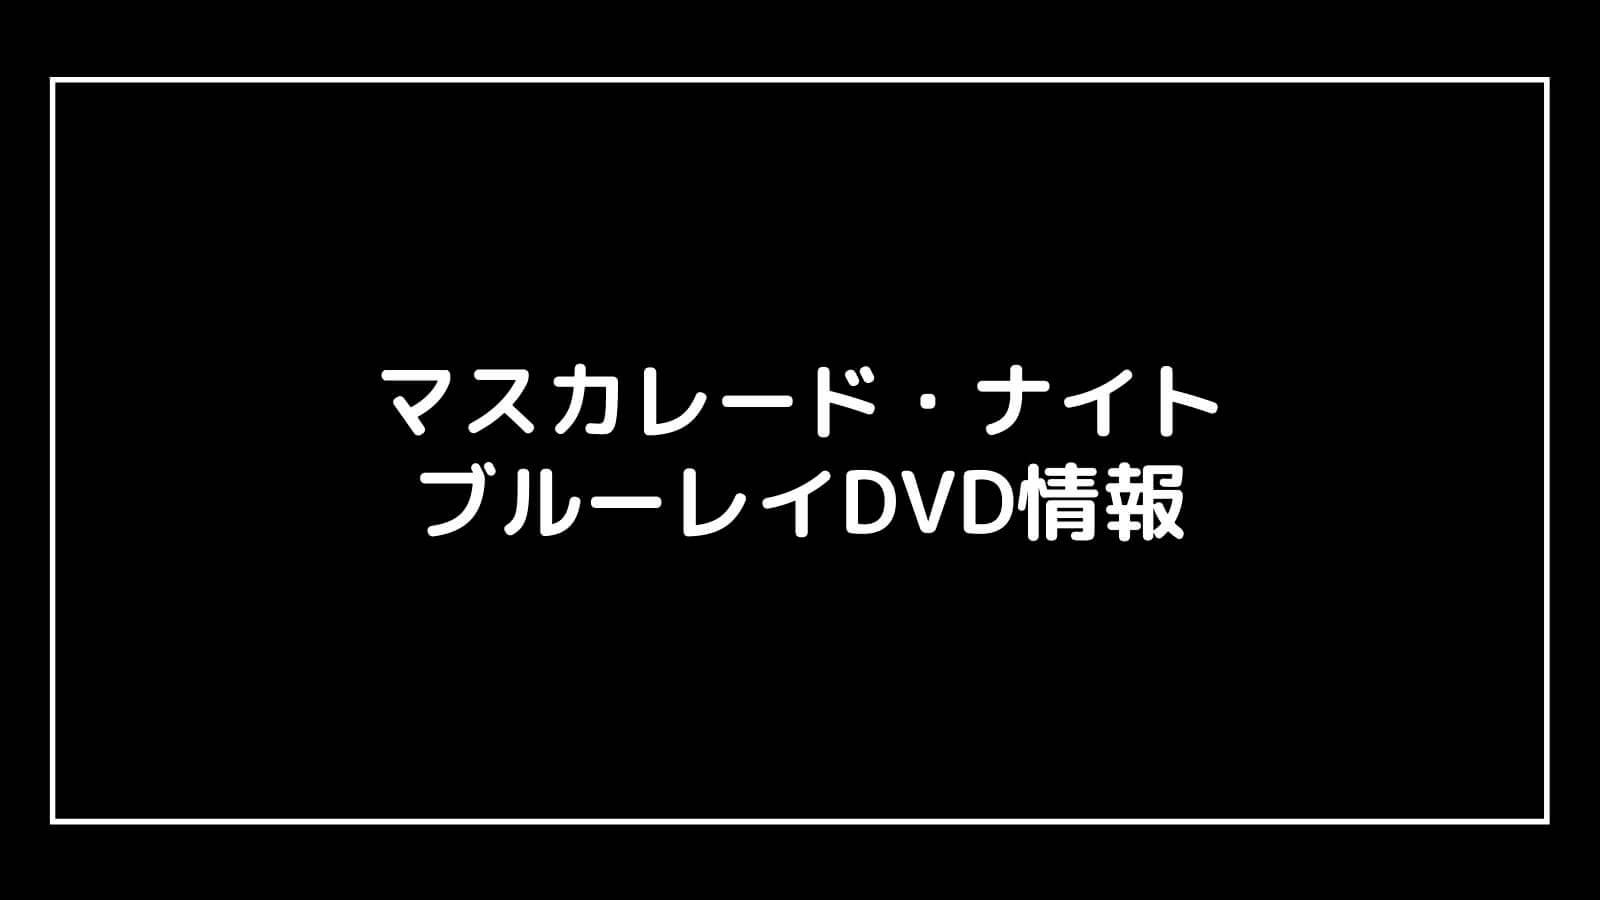 映画『マスカレード・ナイト』のDVD発売日と予約開始日はいつから?円盤情報まとめ